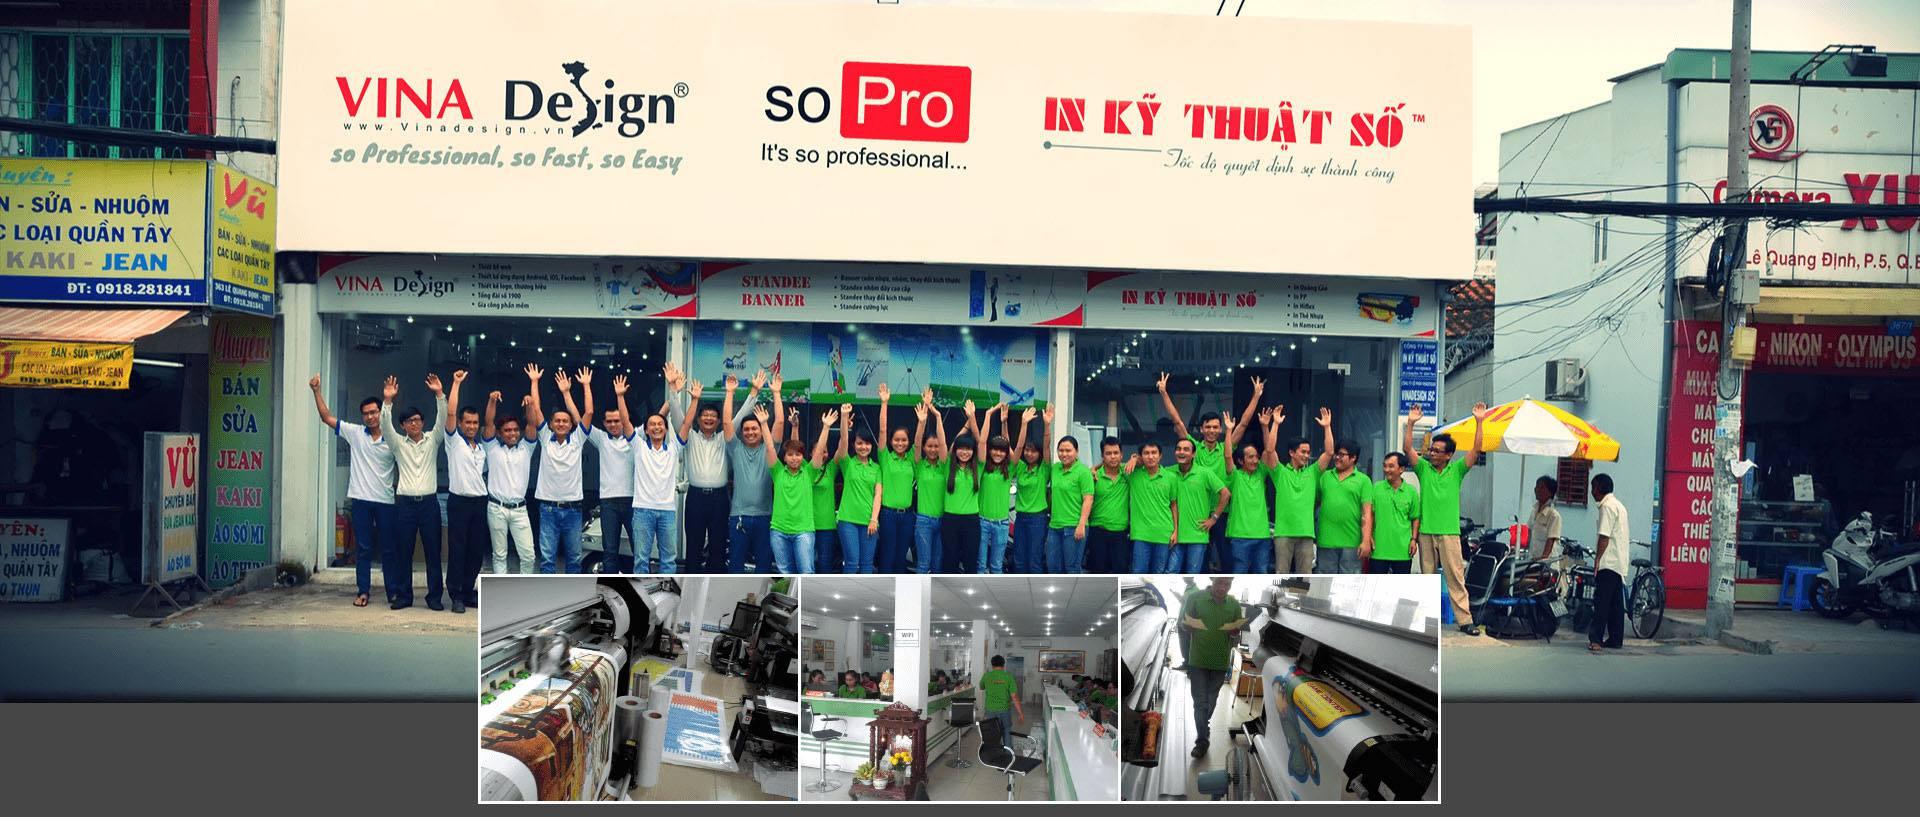 Công ty In Kỹ Thuật Số tại 365 Lê Quang Định, phường 5, Bình Thạnh, HCM